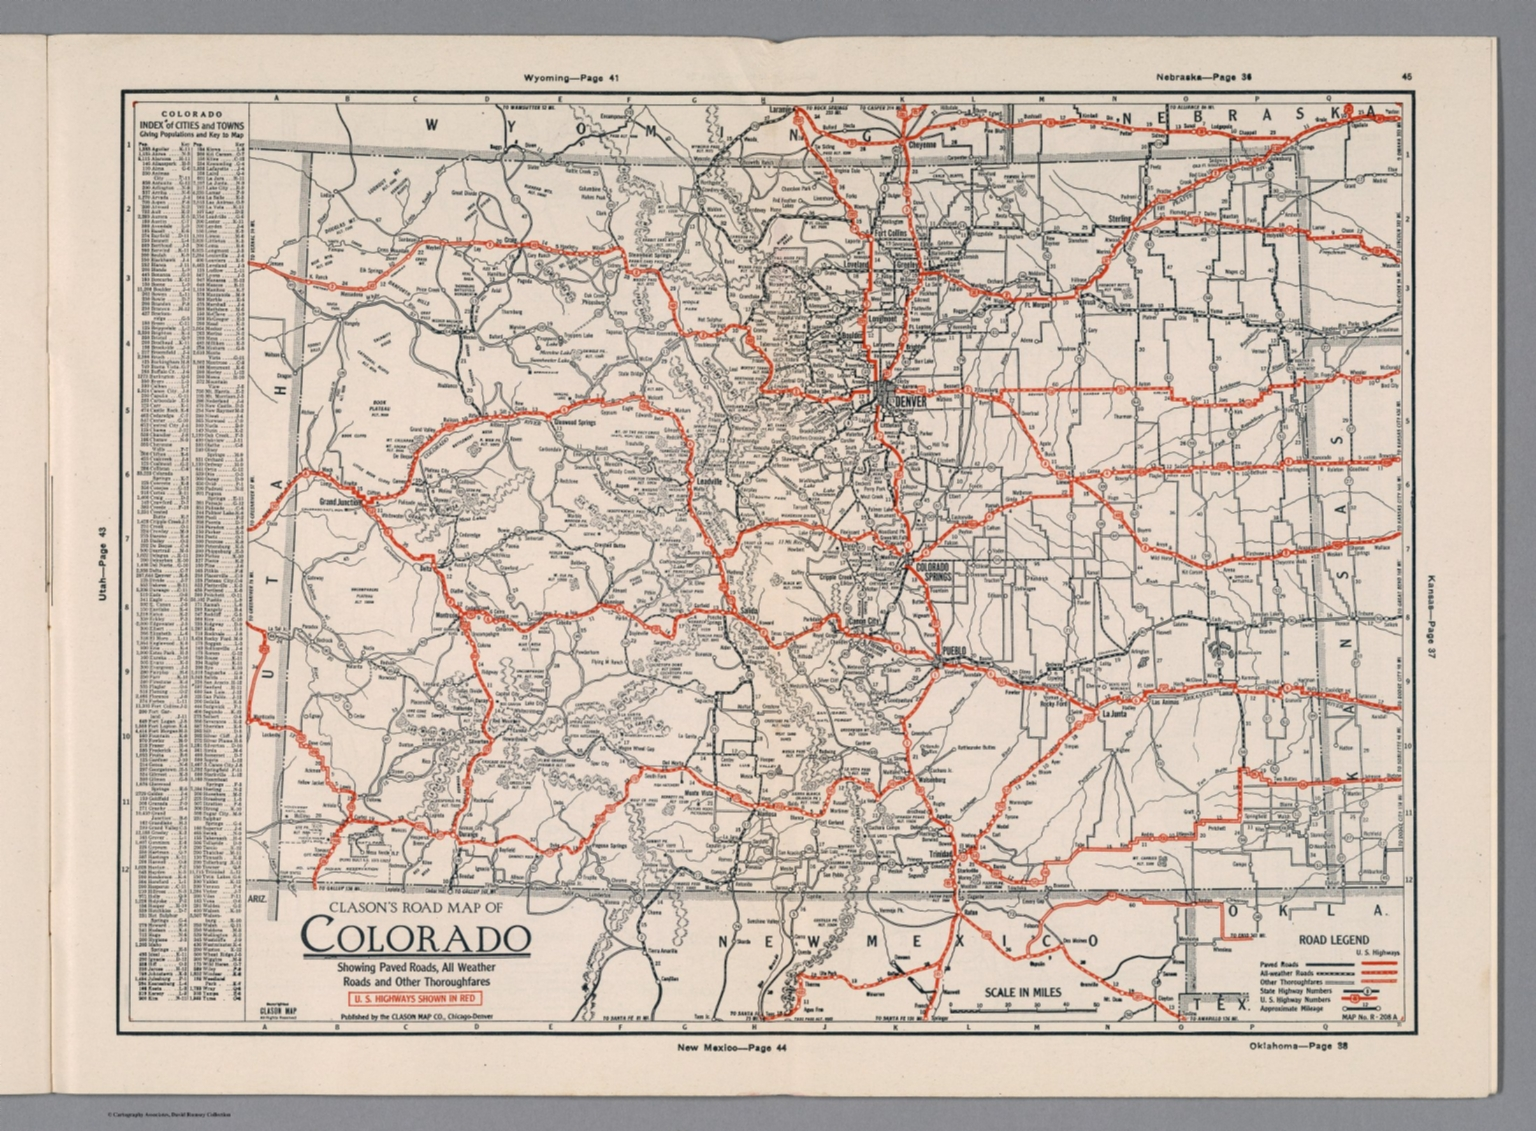 Clason's Road Map of Colorado